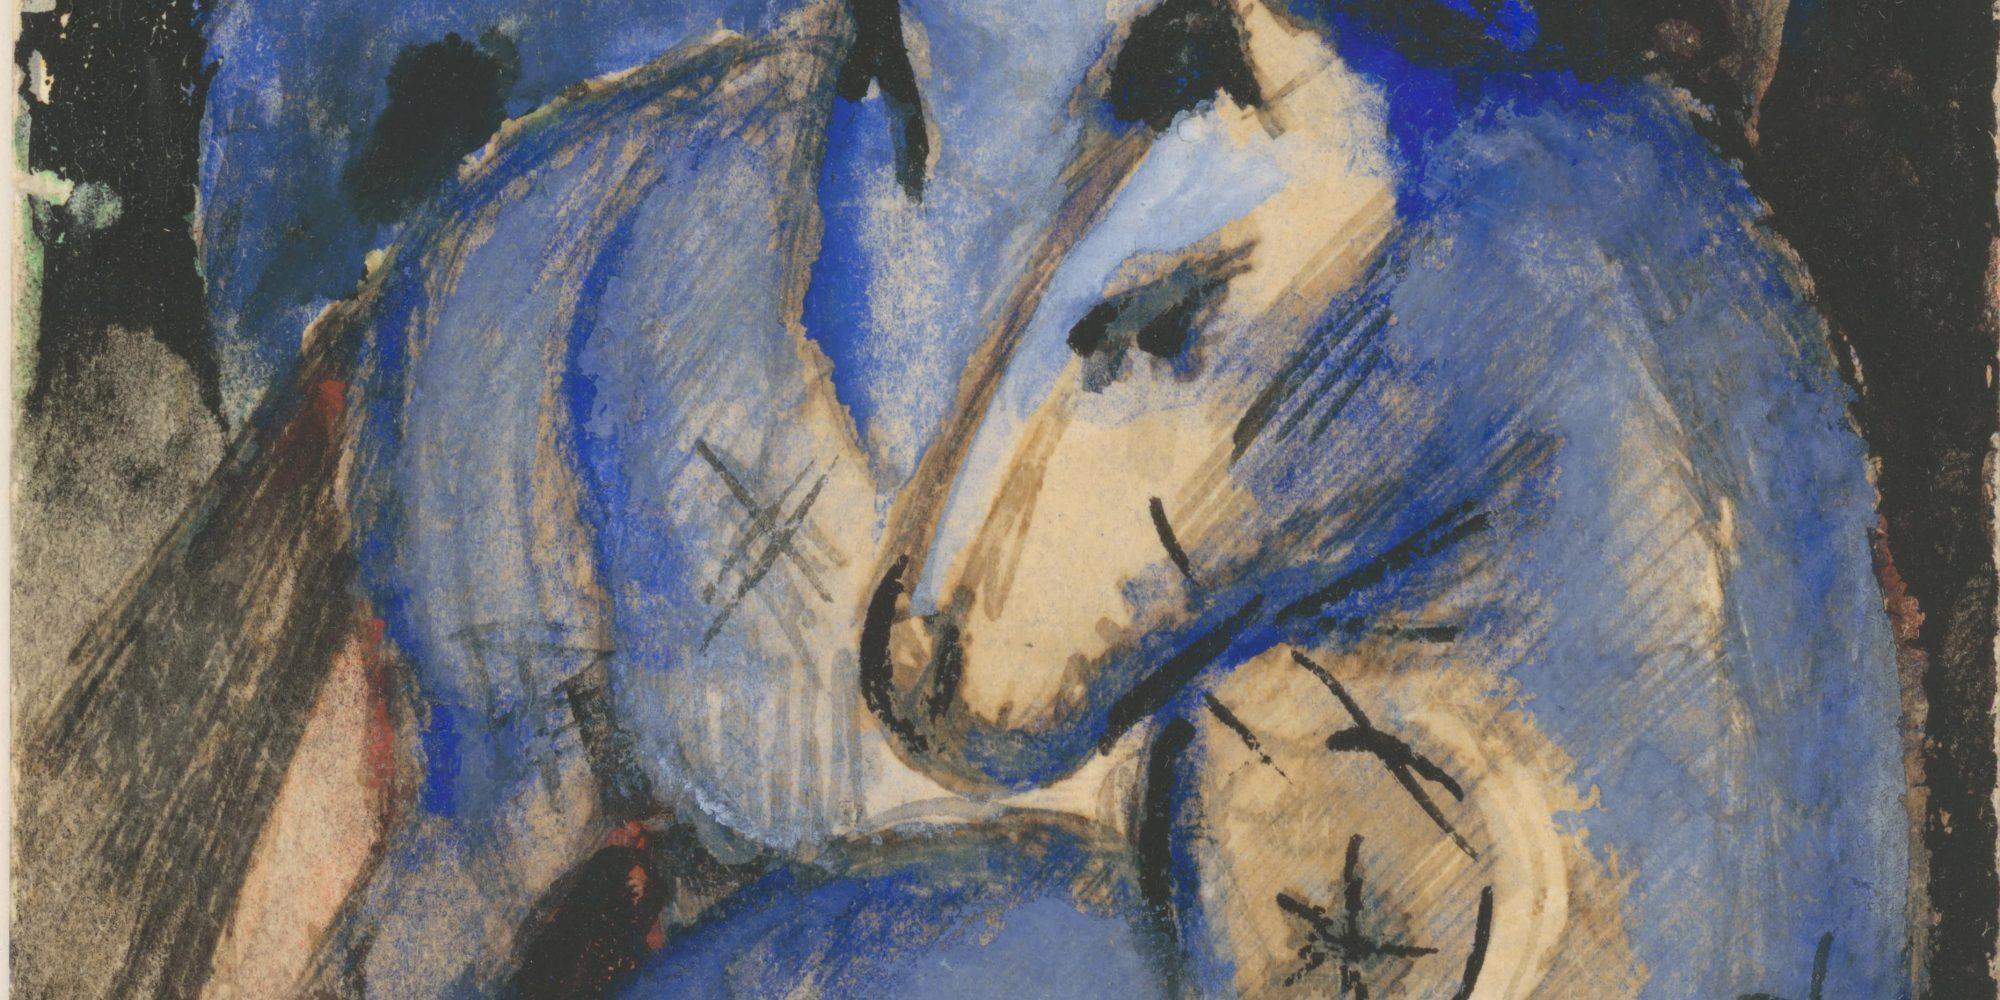 Franz Marc, Der Turm der blauen Pferde, 1912, Vorzeichnung für das Gemälde von 1913, Tusche und Gouache auf Karton, 143 x 94 mm, Bayerische Staatsgemäldesammlungen, Schenkung Fohn, Depositum Staatliche Graphische Sammlung München © Staatliche Graphische Sammlung München